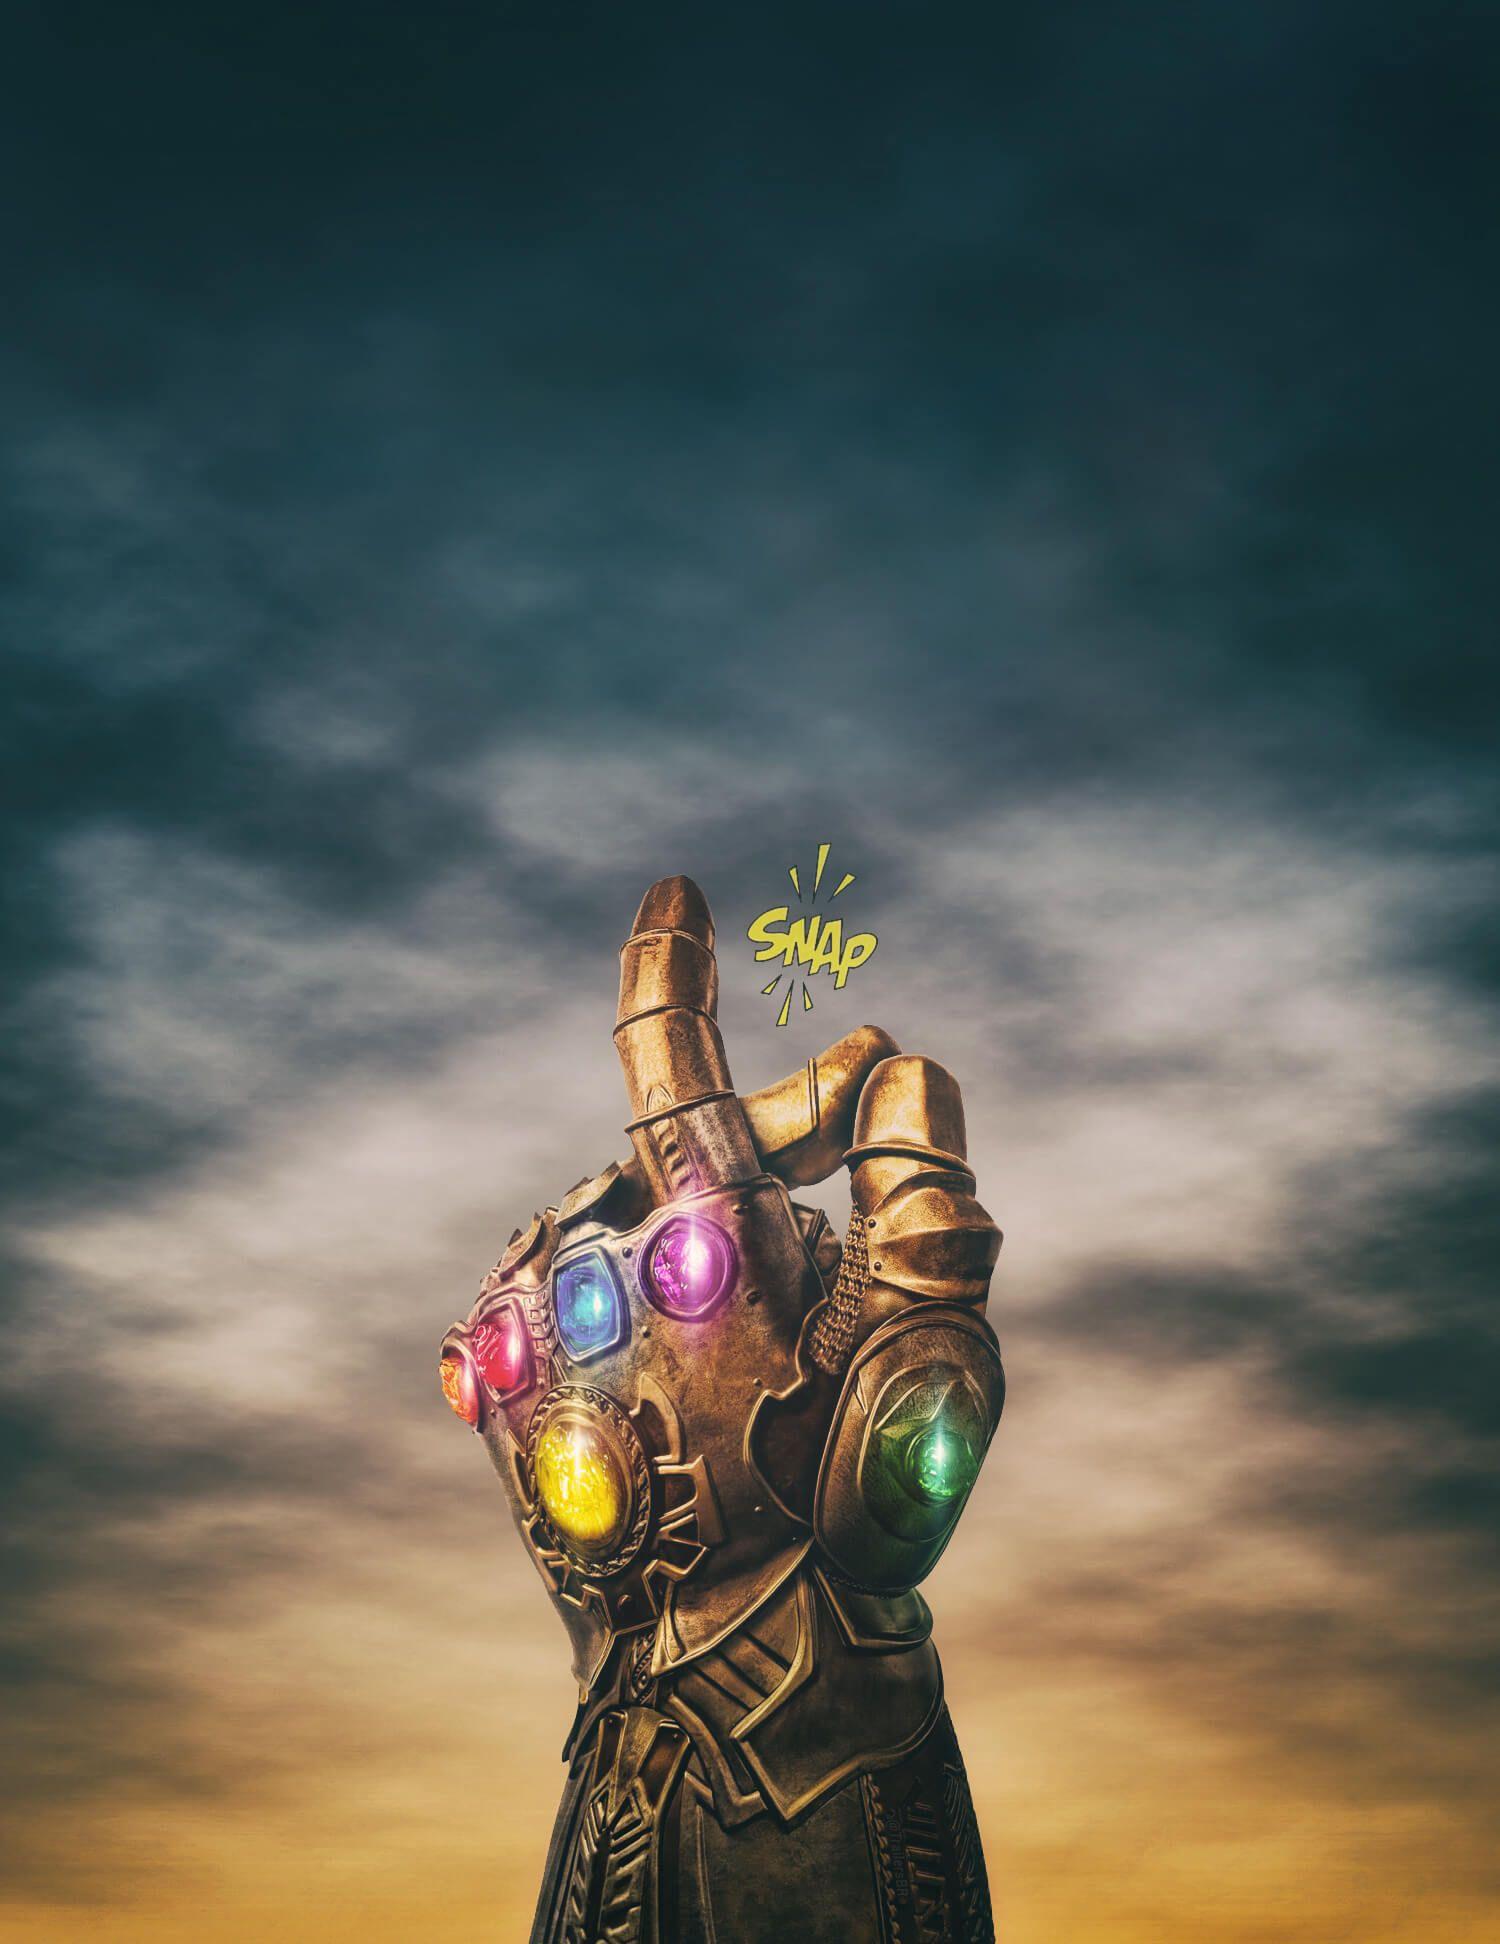 Avengers Marvel Superhero Phone Wallpaper Thanos Marvel Marvel Iphone Wallpaper Avengers Wallpaper